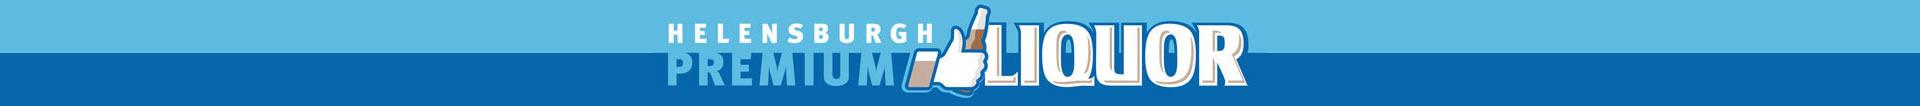 Helensburgh Premium Liquor -